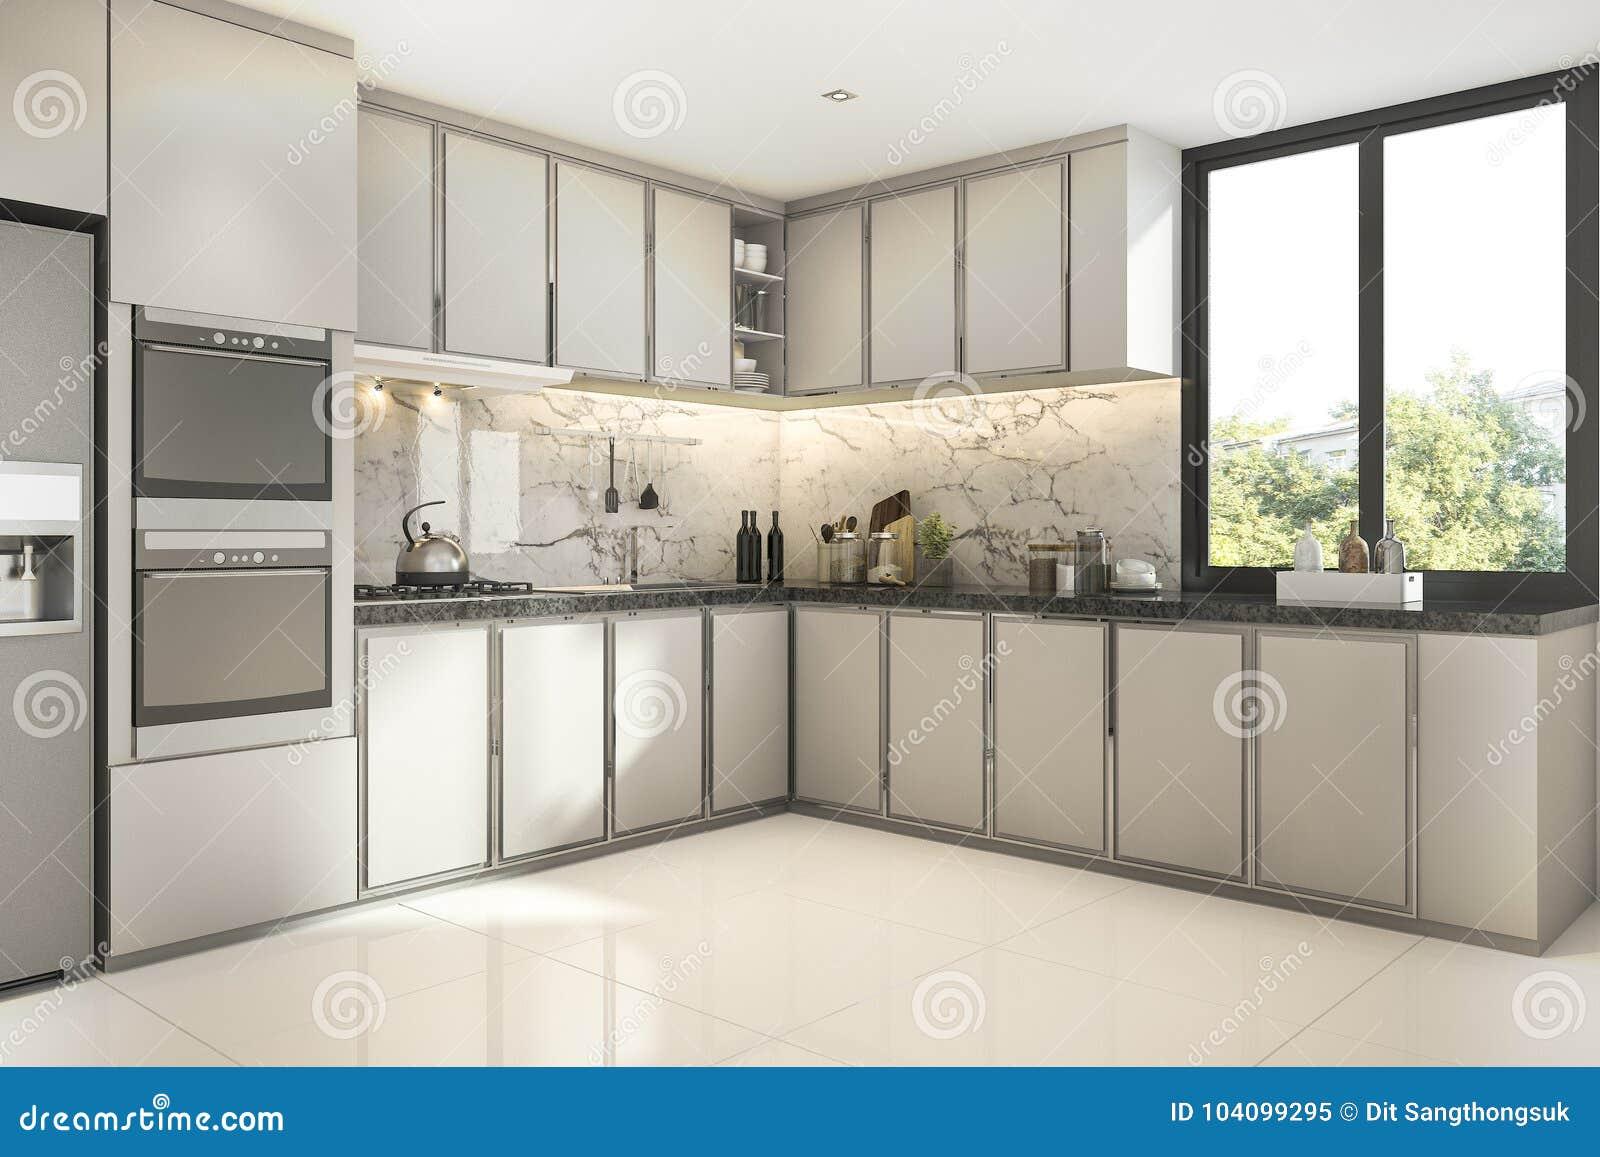 3d Que Rende A Cozinha Moderna Bonita Com Decora O De M Rmore